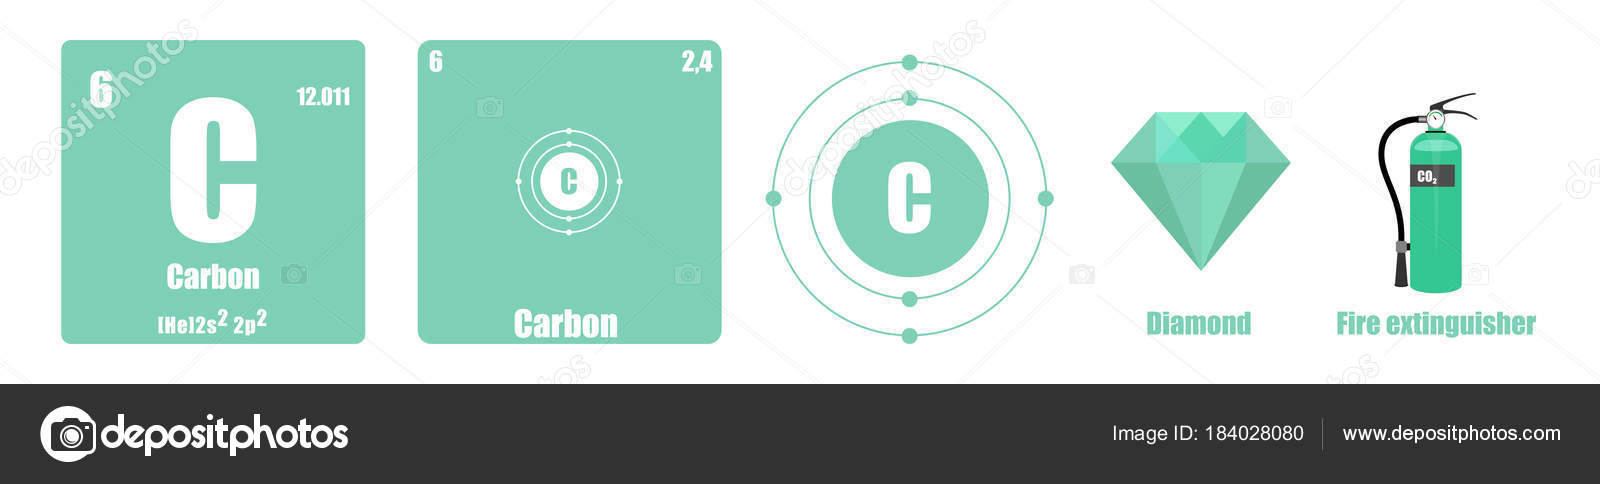 Tabla peridica de elementos de grupo iv archivo imgenes tabla periodica de los elementos del grupo iv carbono vector de pui2motifail urtaz Gallery